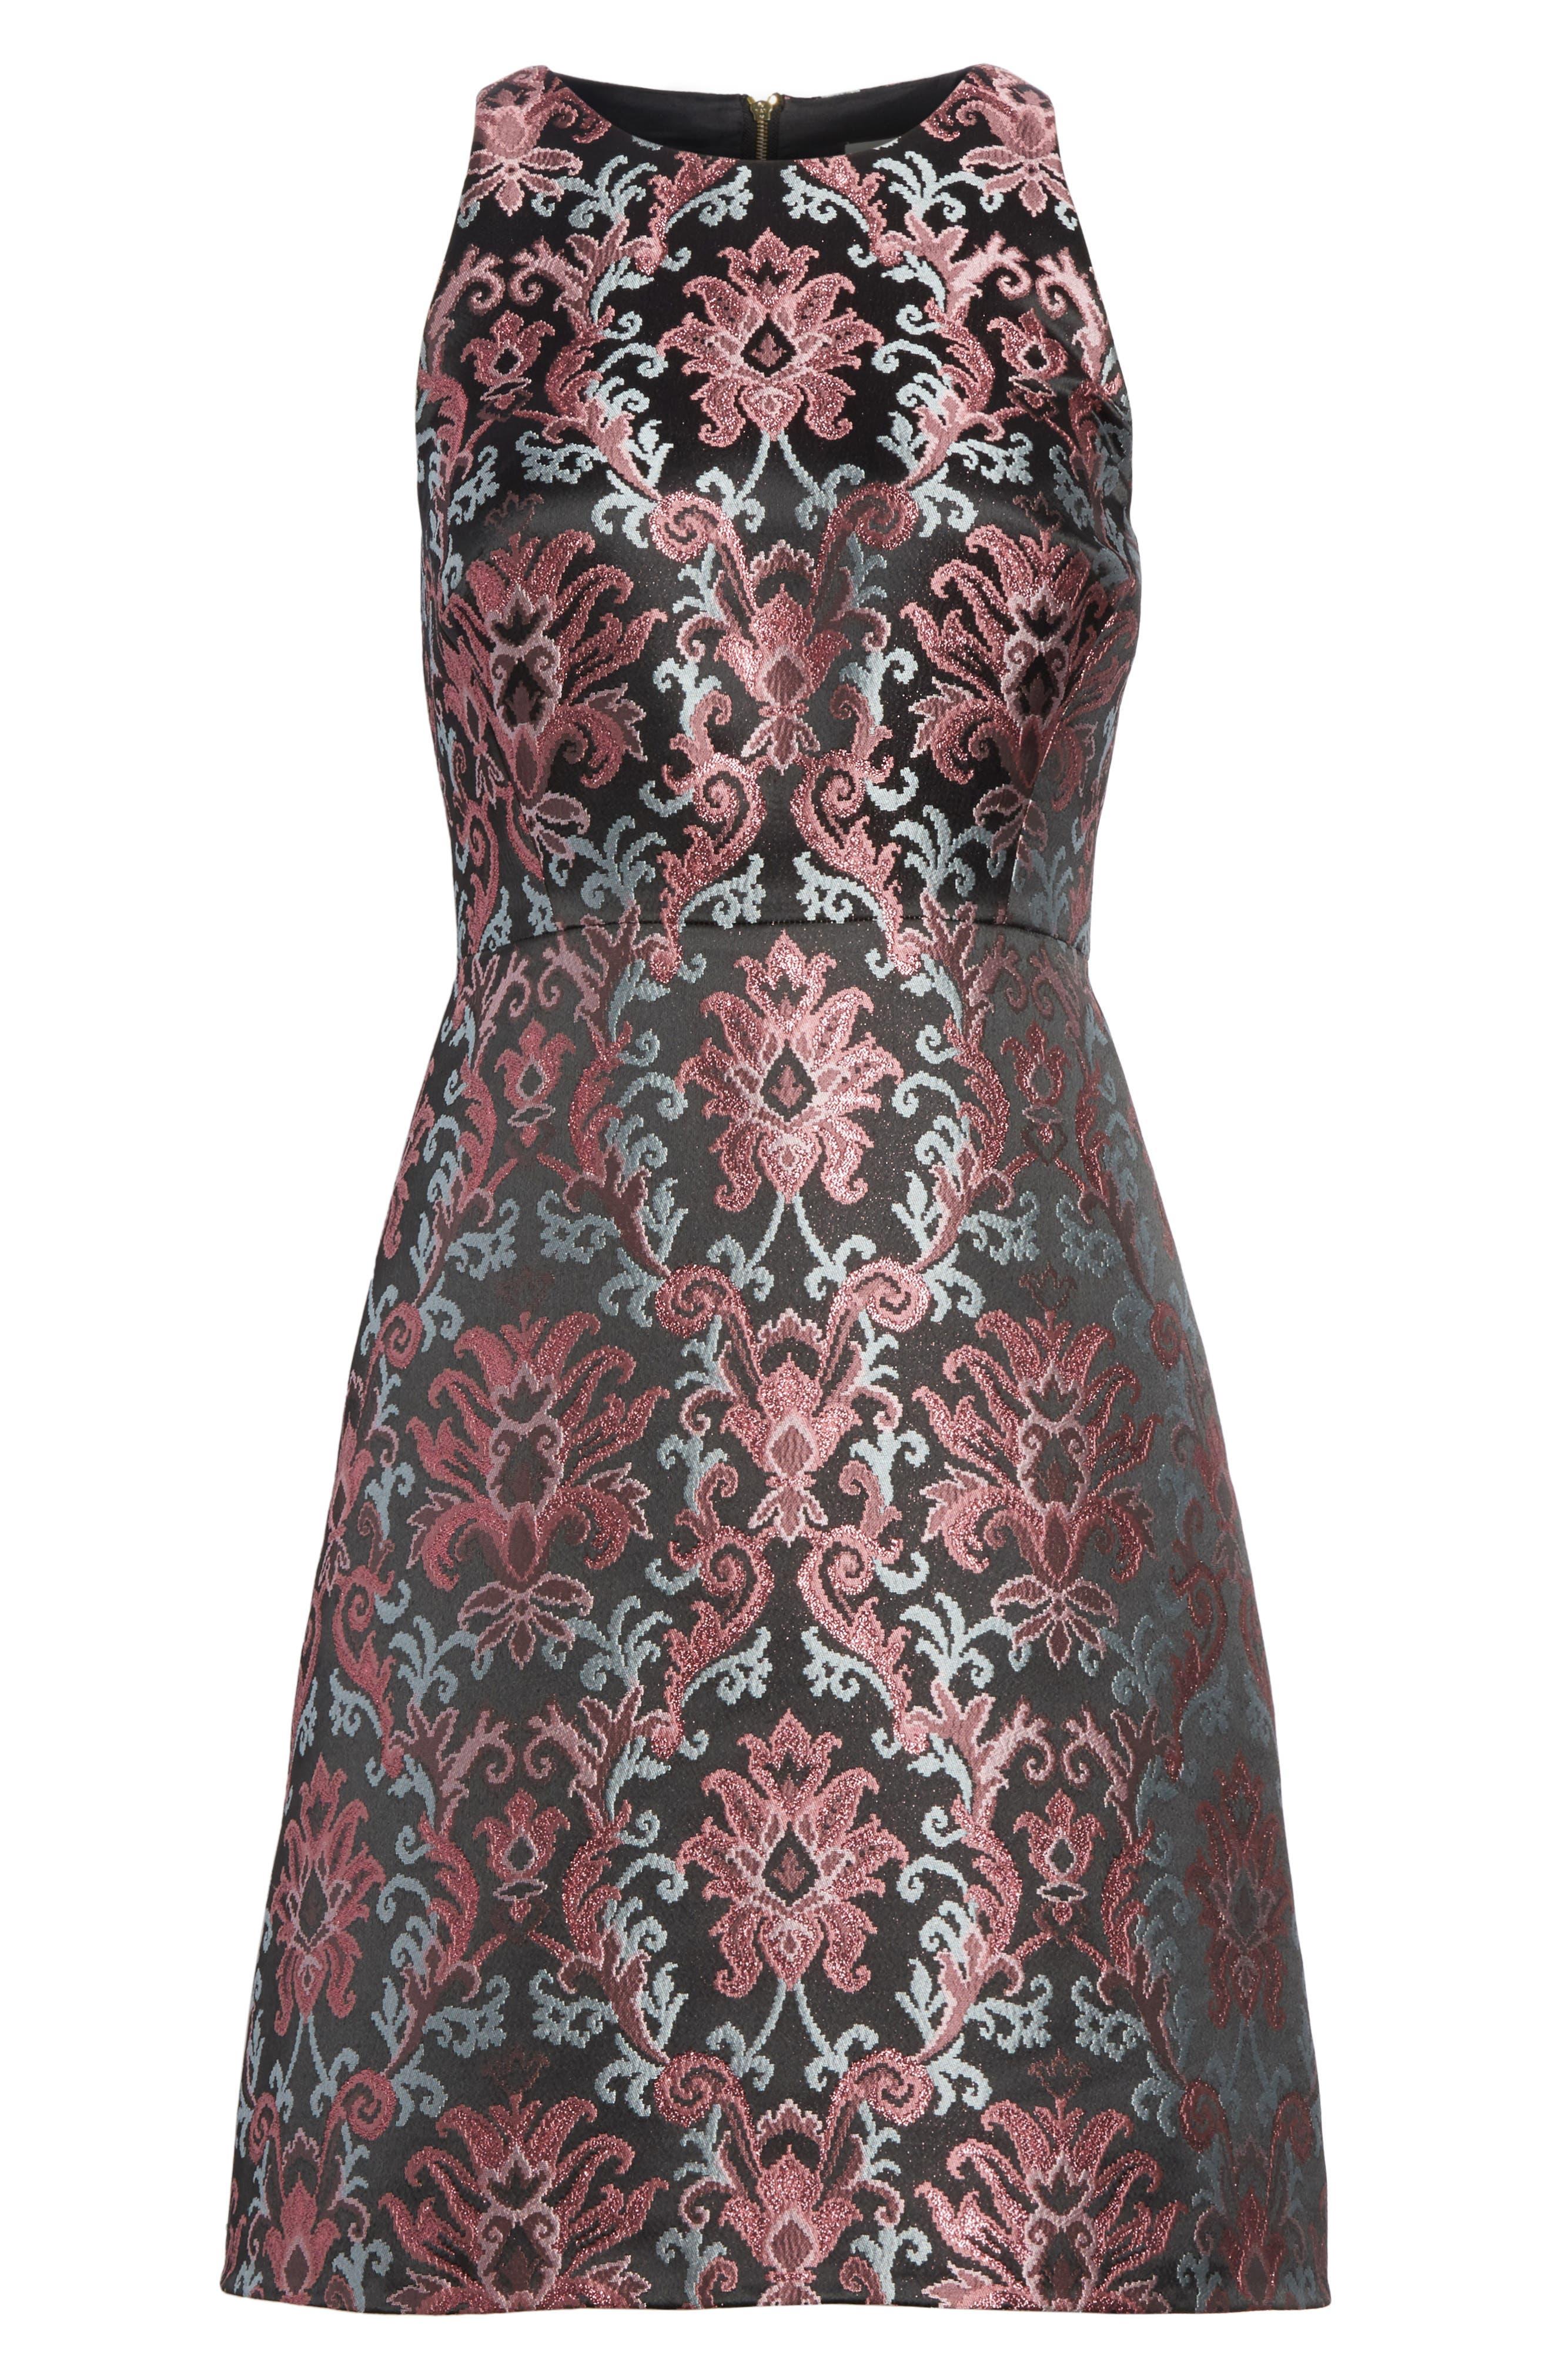 tapestry jacquard dress,                             Alternate thumbnail 6, color,                             004